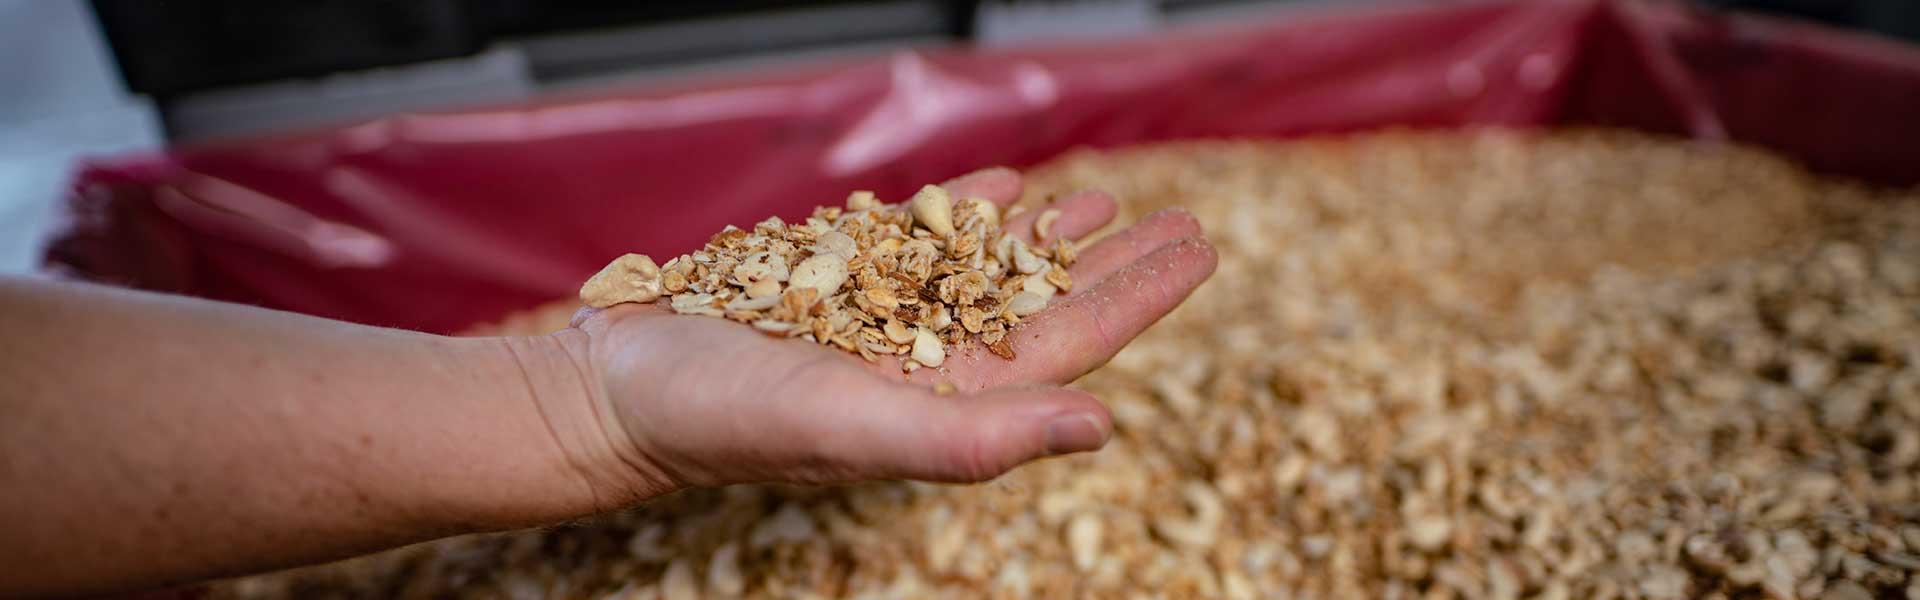 Verwertung Nach- und Nebenprodukte - Lebensmittelrecycling Hagemann Dienste GmbH